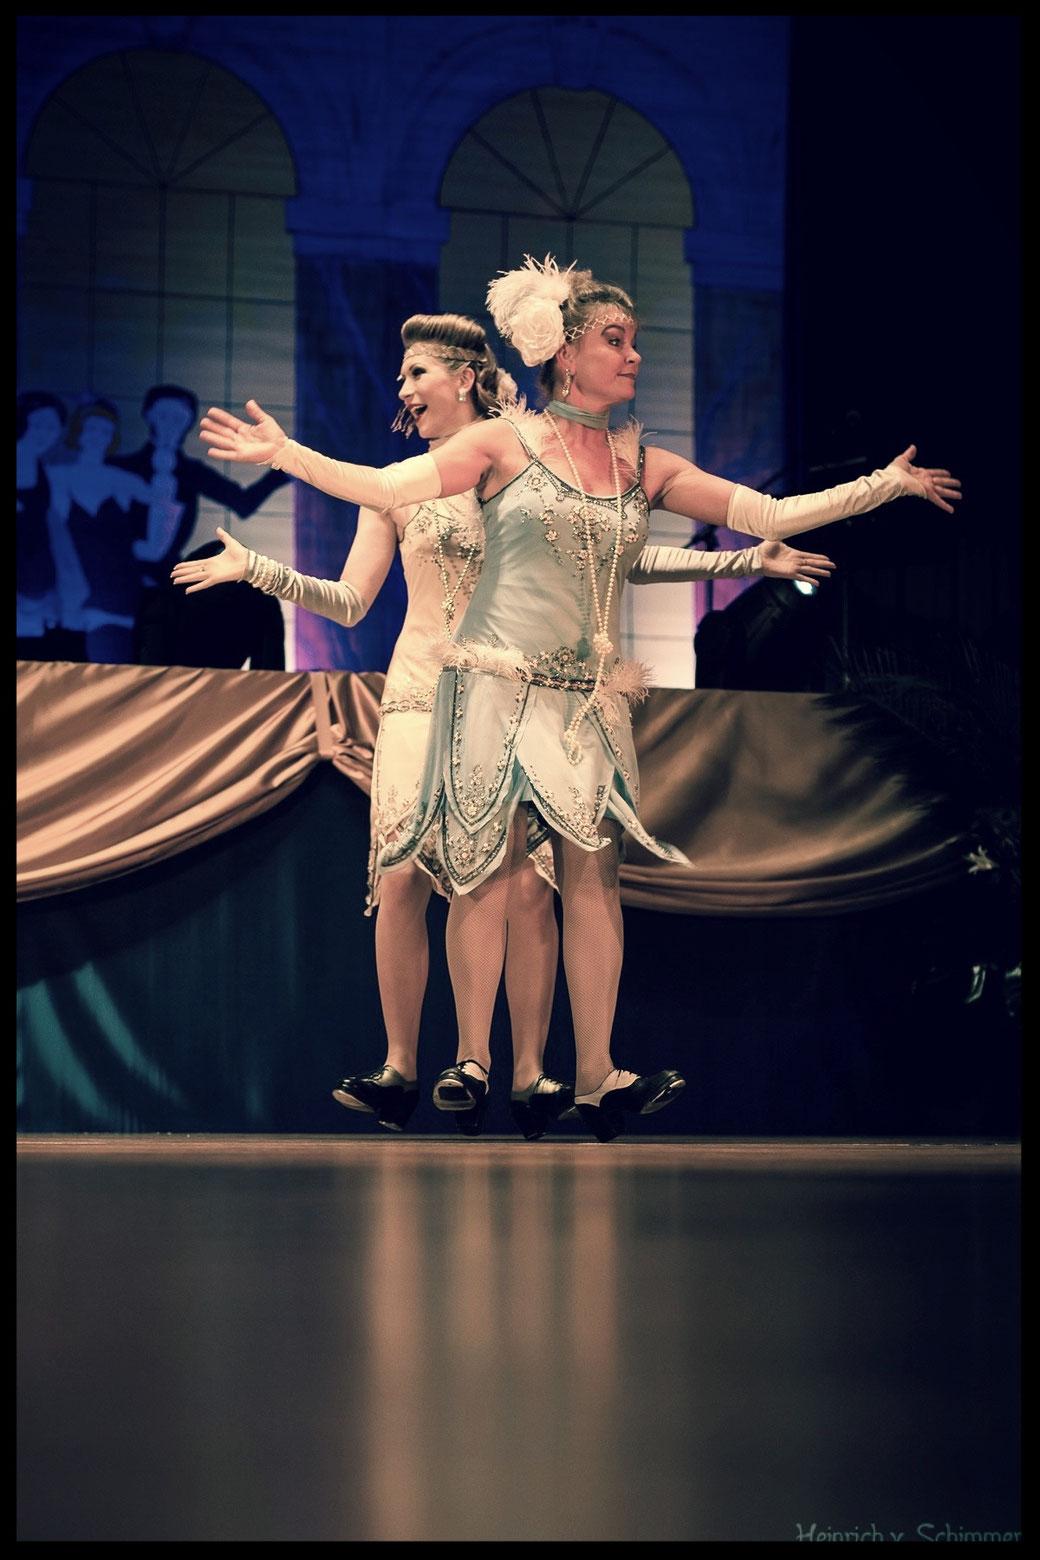 """Das Duo """"Dixie & Daisy Dynamite"""" ist spezialisiert auf 1920er-Jahre-Entertainment, mit einem kurzweiligen Programm aus Steptanz, Charleston, Gesang, Comedy und Burlesque.  Dixie kommt hier im Doppelpack zusammen mit Künstlerin Julia Kempken aus Nürnberg."""